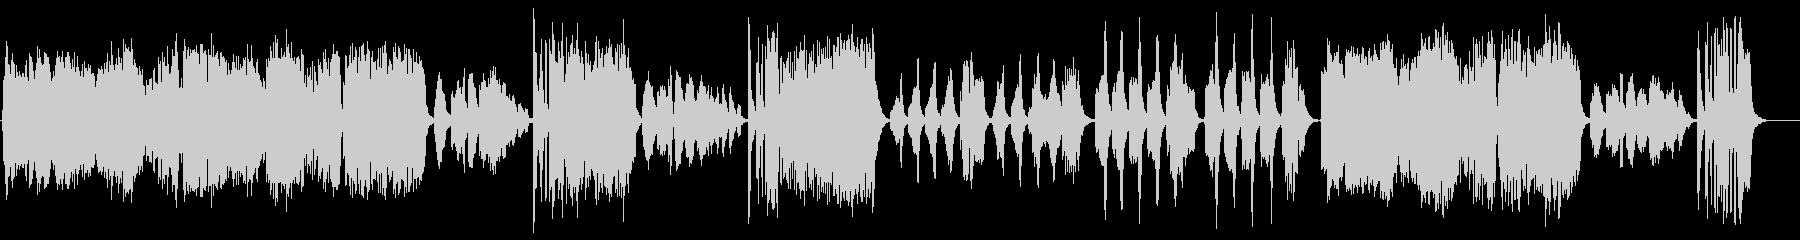 【バイオリン生演奏】ハンガリー舞曲第5番の未再生の波形